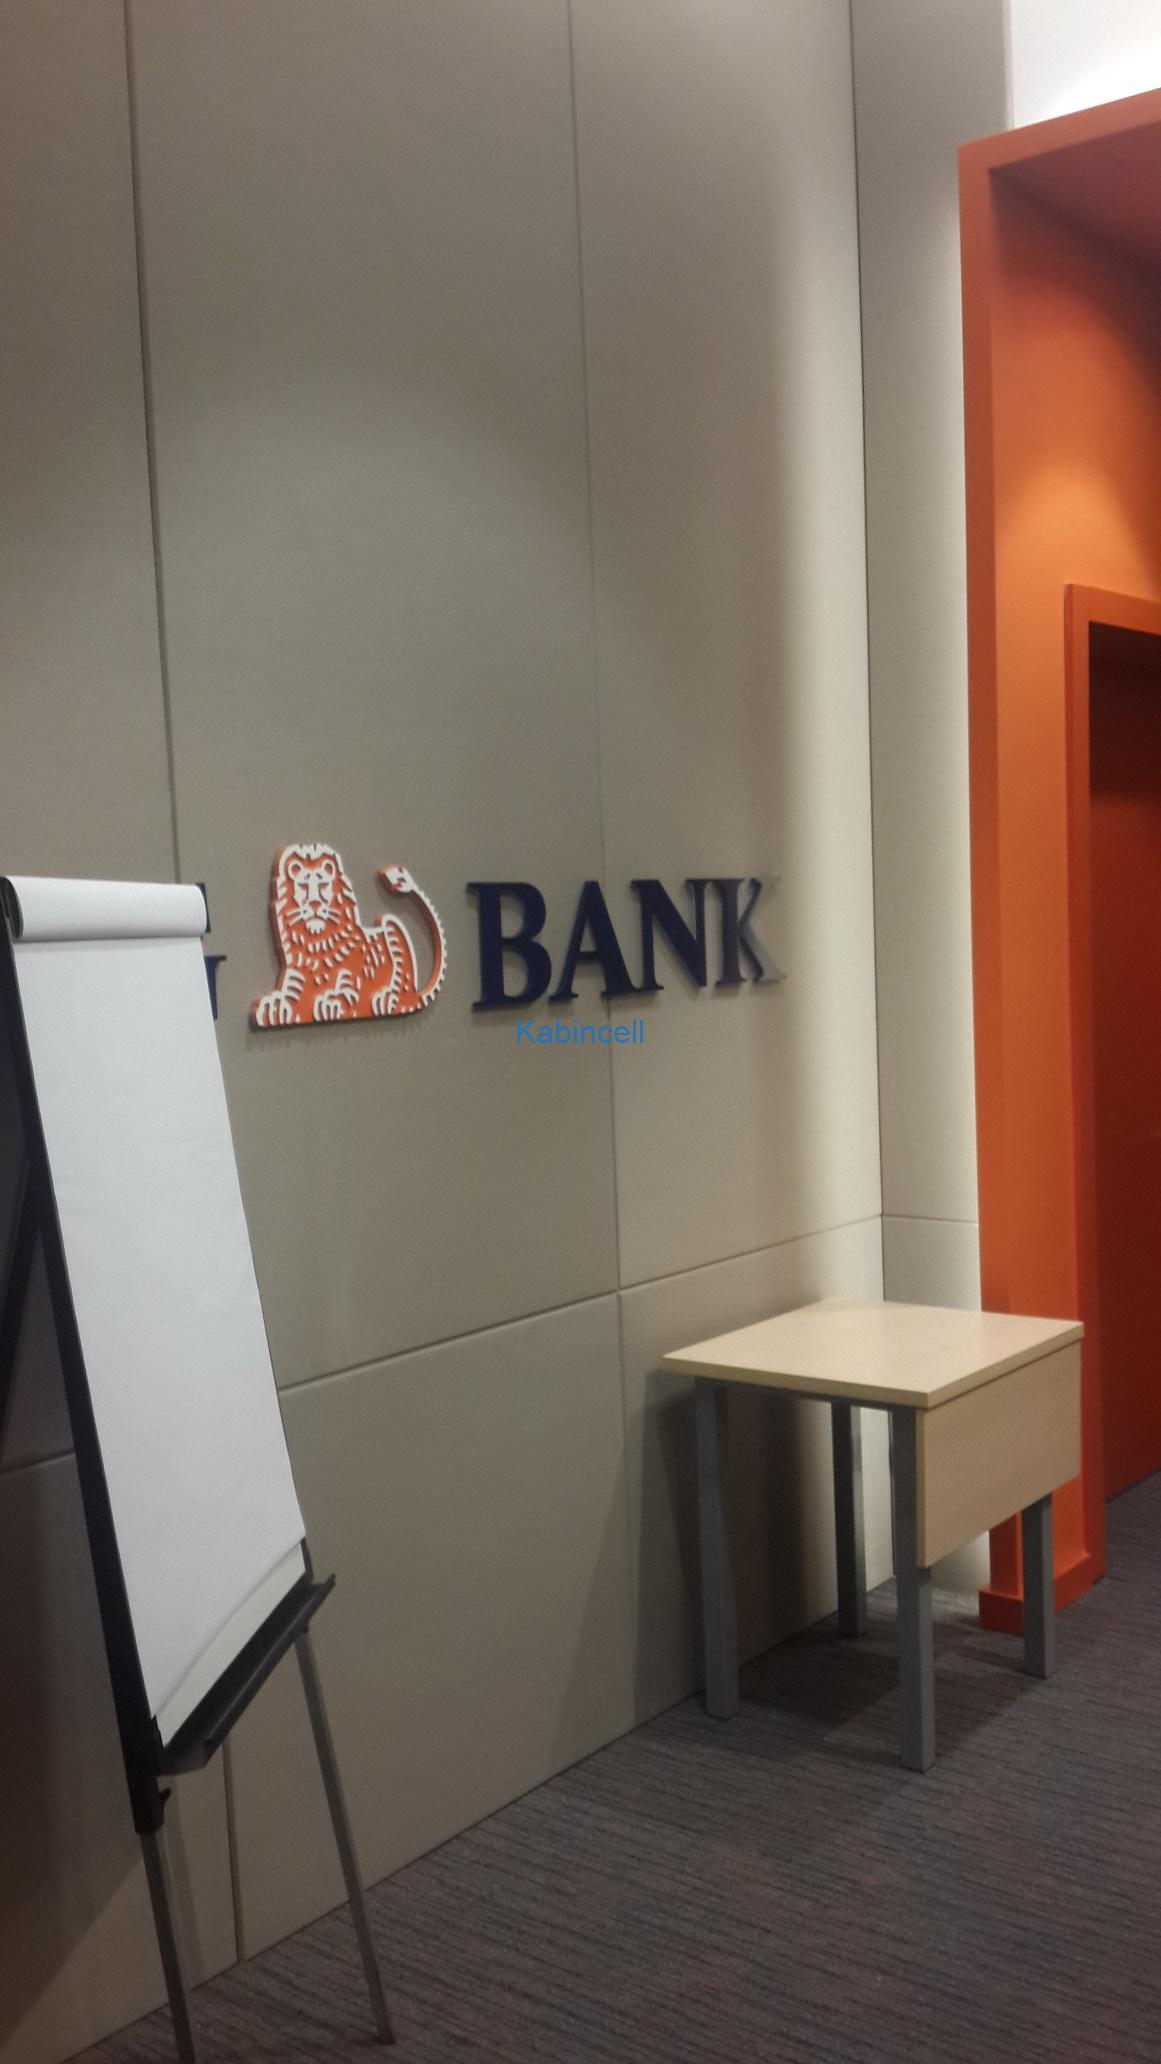 ing-bank-seminer-salonu-akustik-prjelendirme-kaplama-panel2